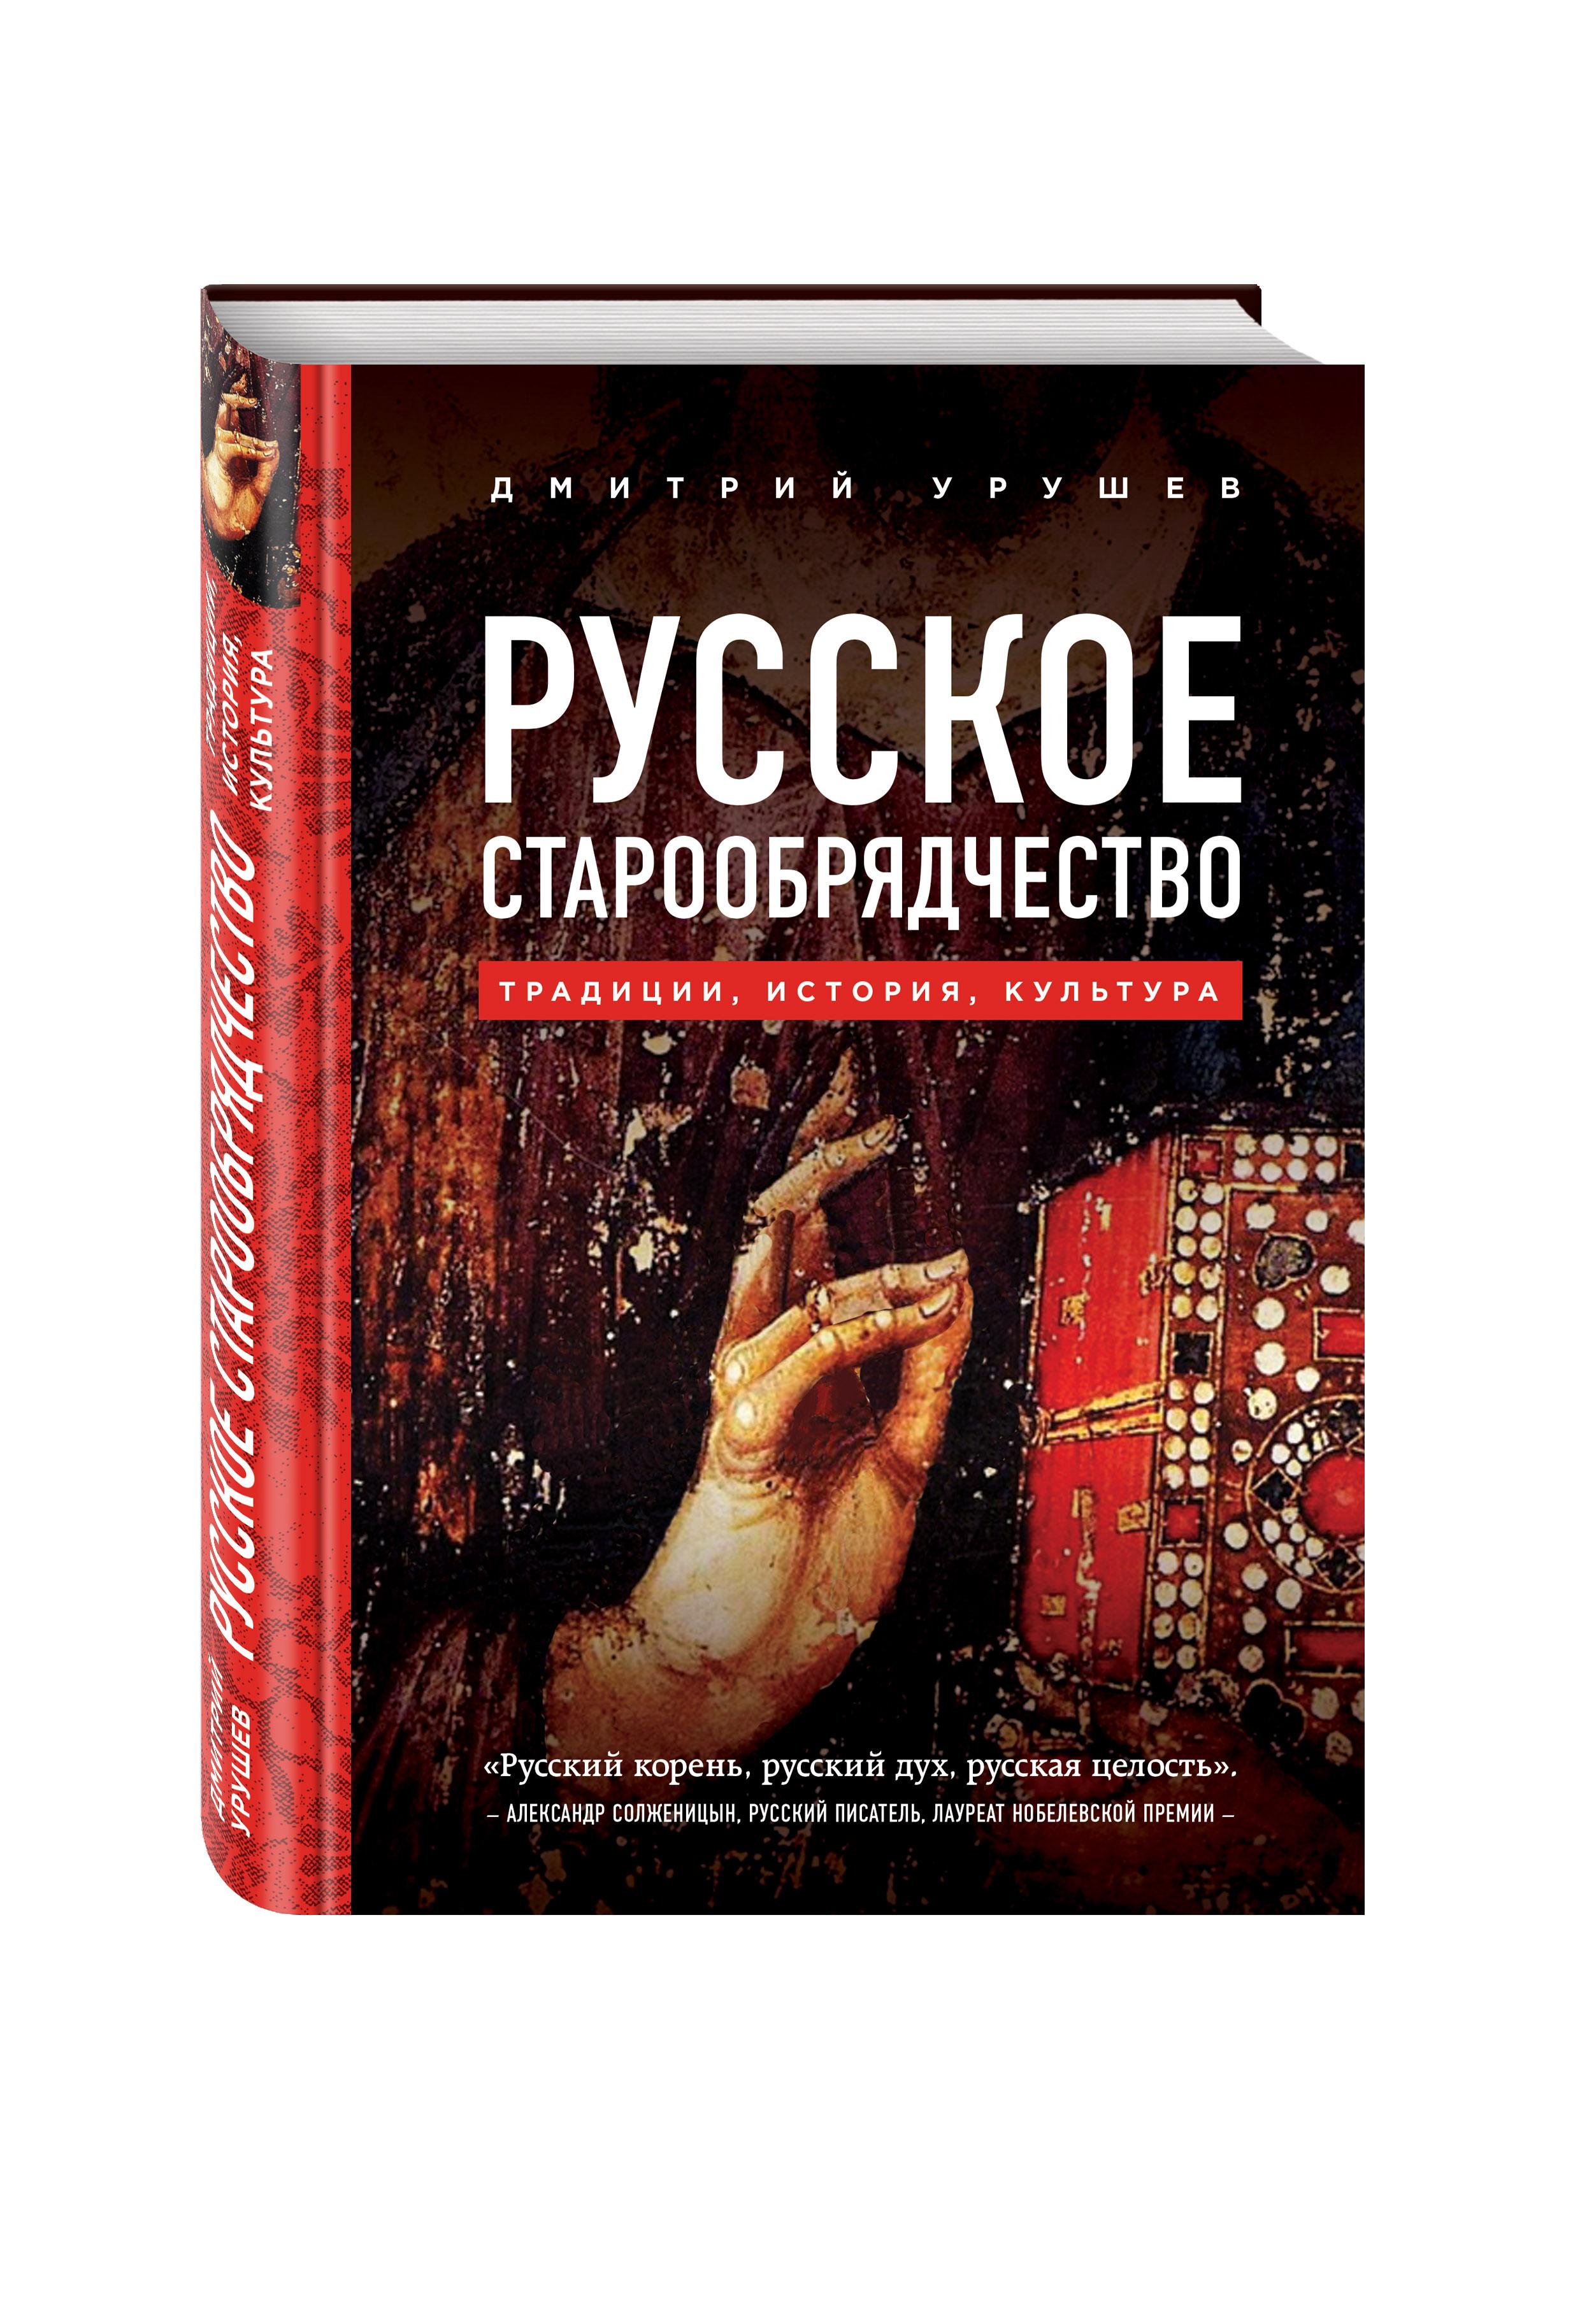 Урушев Д.А. Русское старообрядчество. Традиции, история, культура бологова в моя большая книга о животных 1000 фотографий